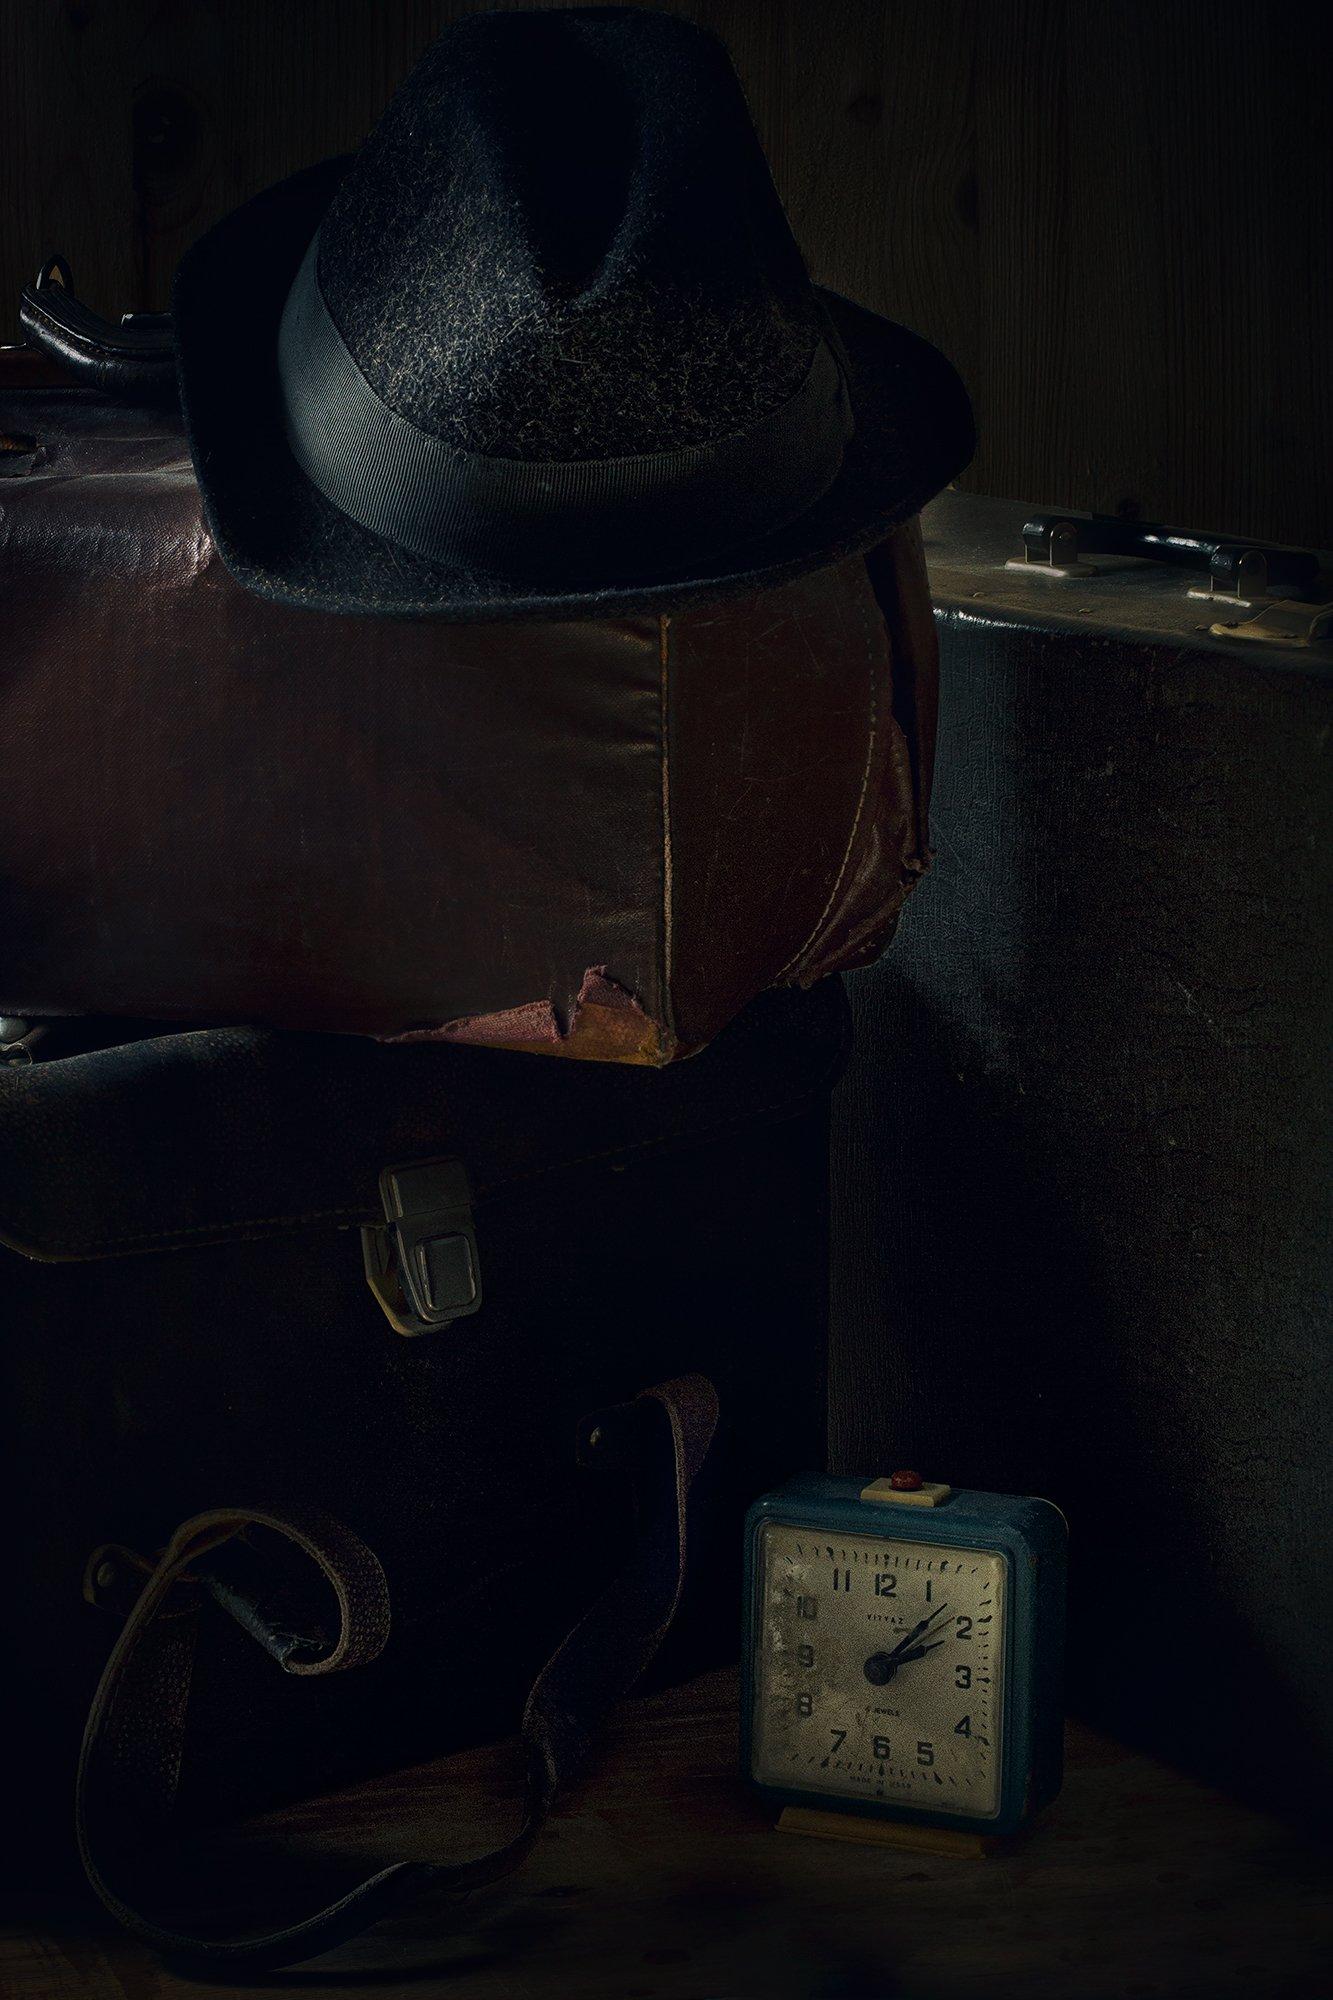 шляпа, саквояж, чемодан, часы, натюрморт, старый, Наталья Голубева